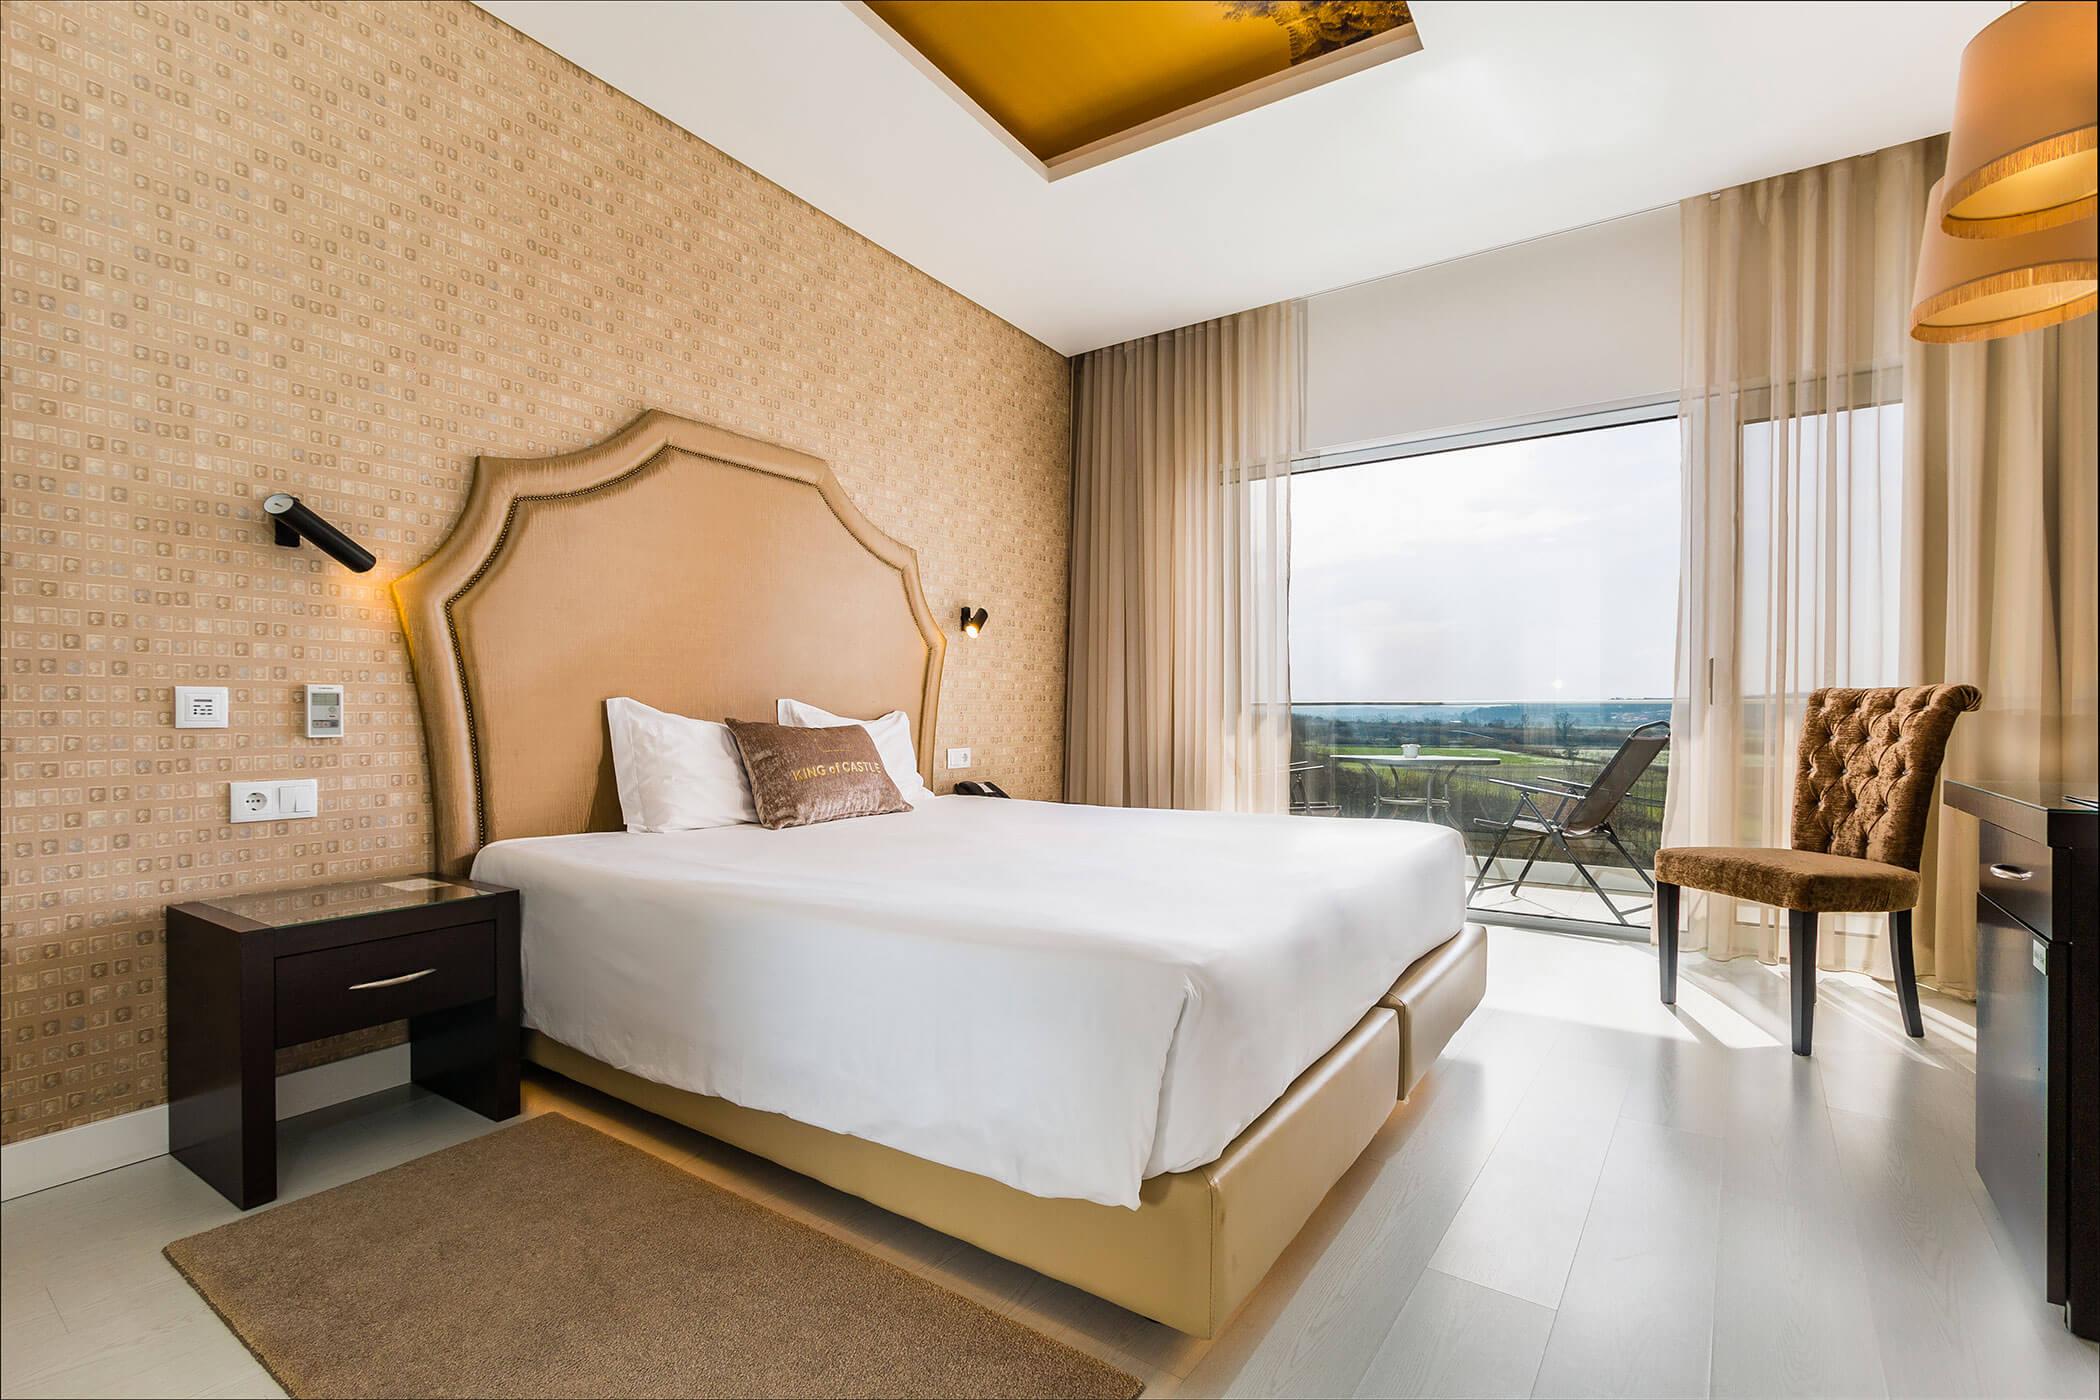 Chambre Double Standard Castelo de Leiria - Lisotel Hotel & Spa, Leiria